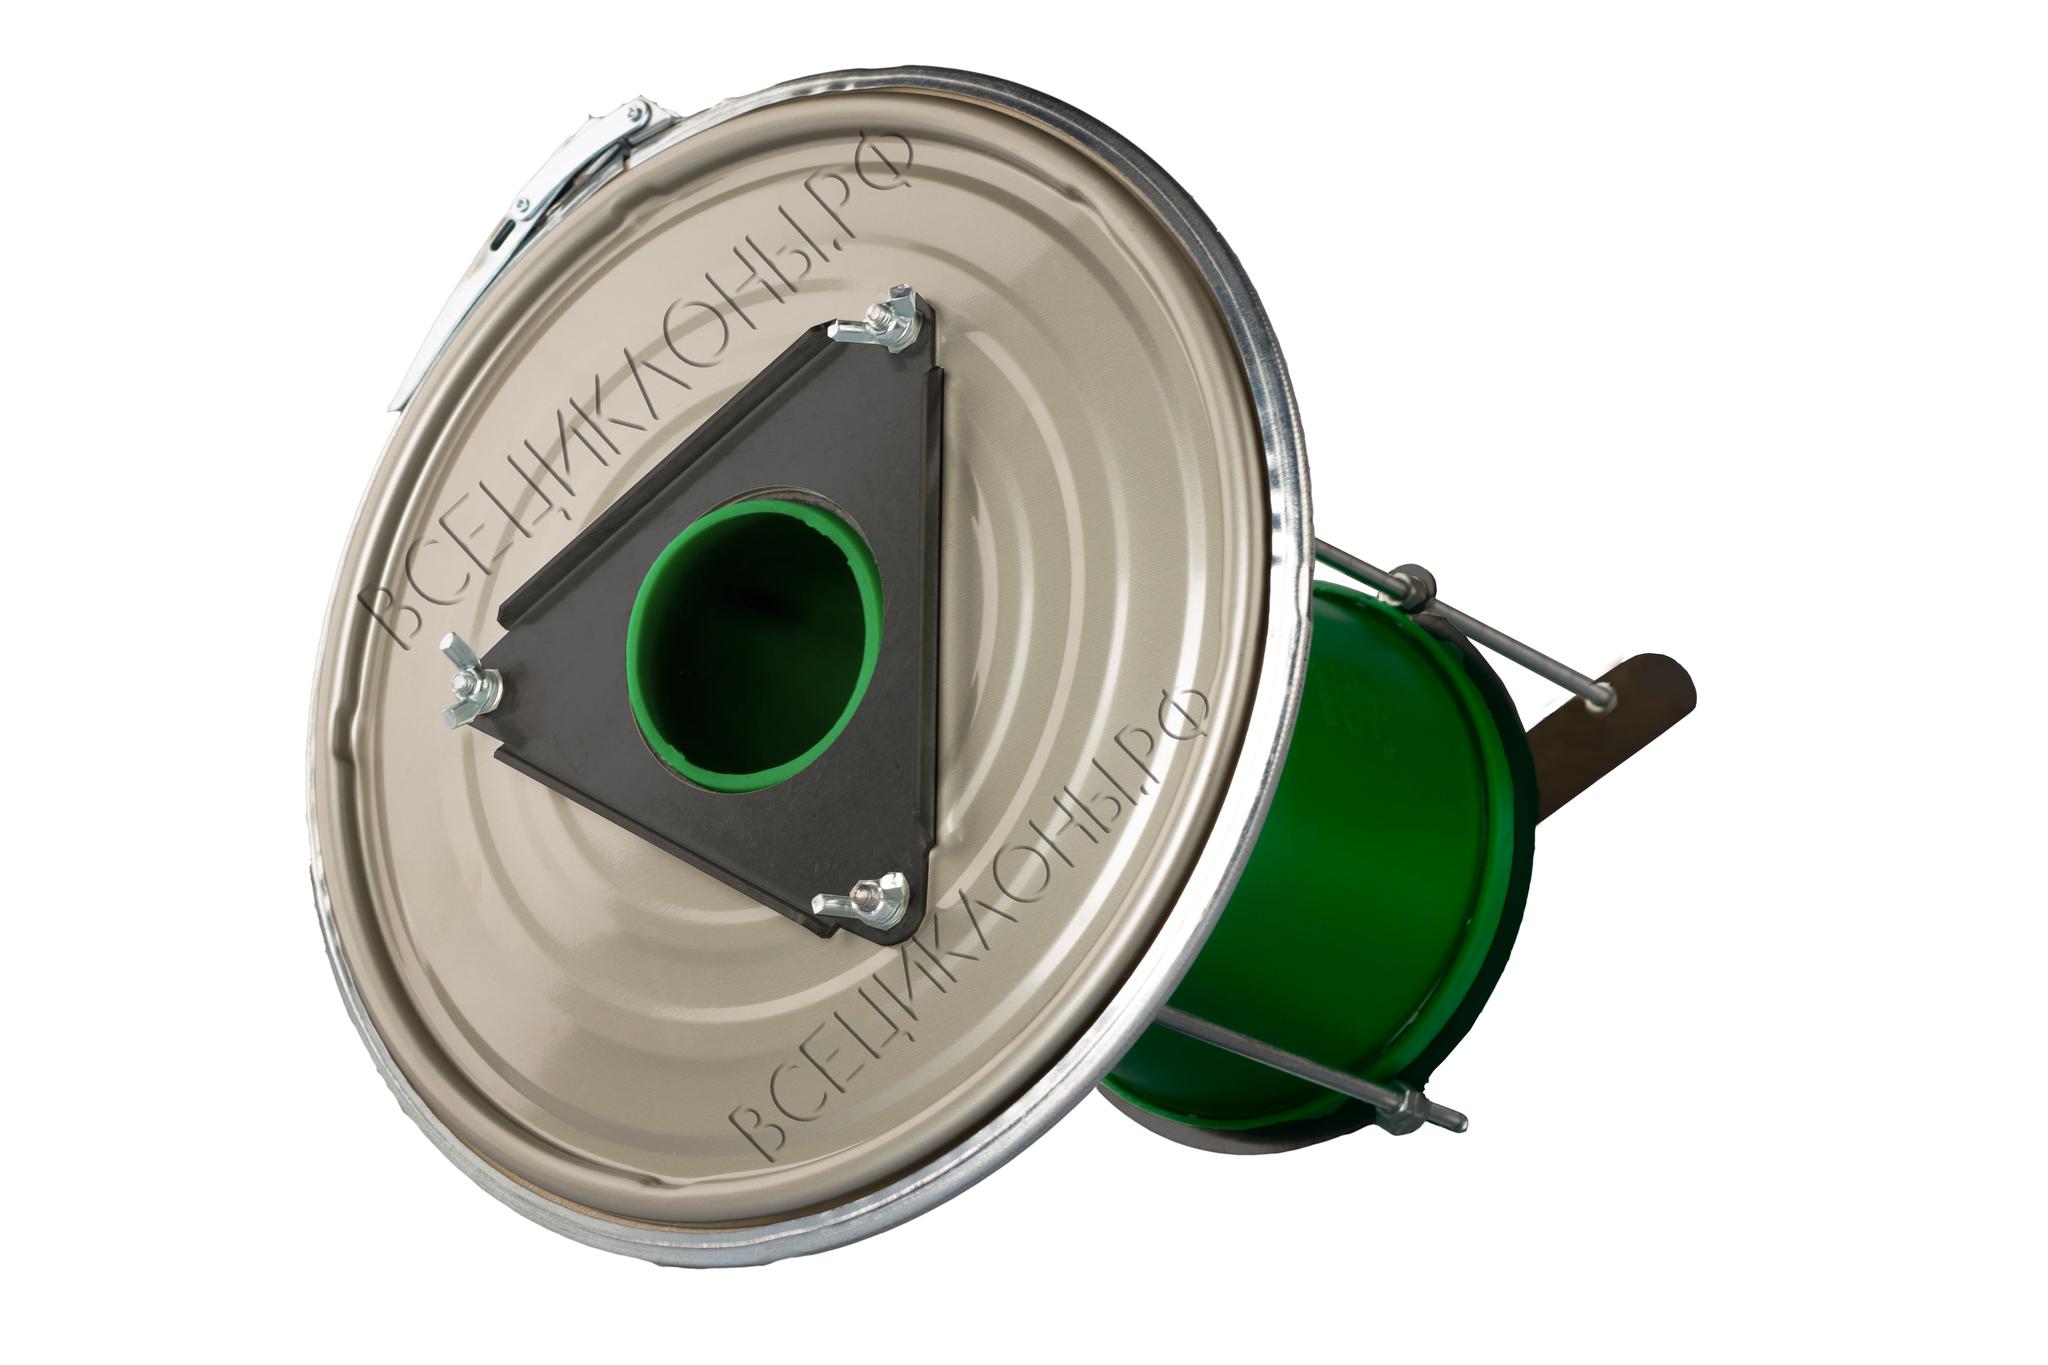 Скелетный крепёж для циклона М-2, крышка и циклонный фильтр продаются отдельно